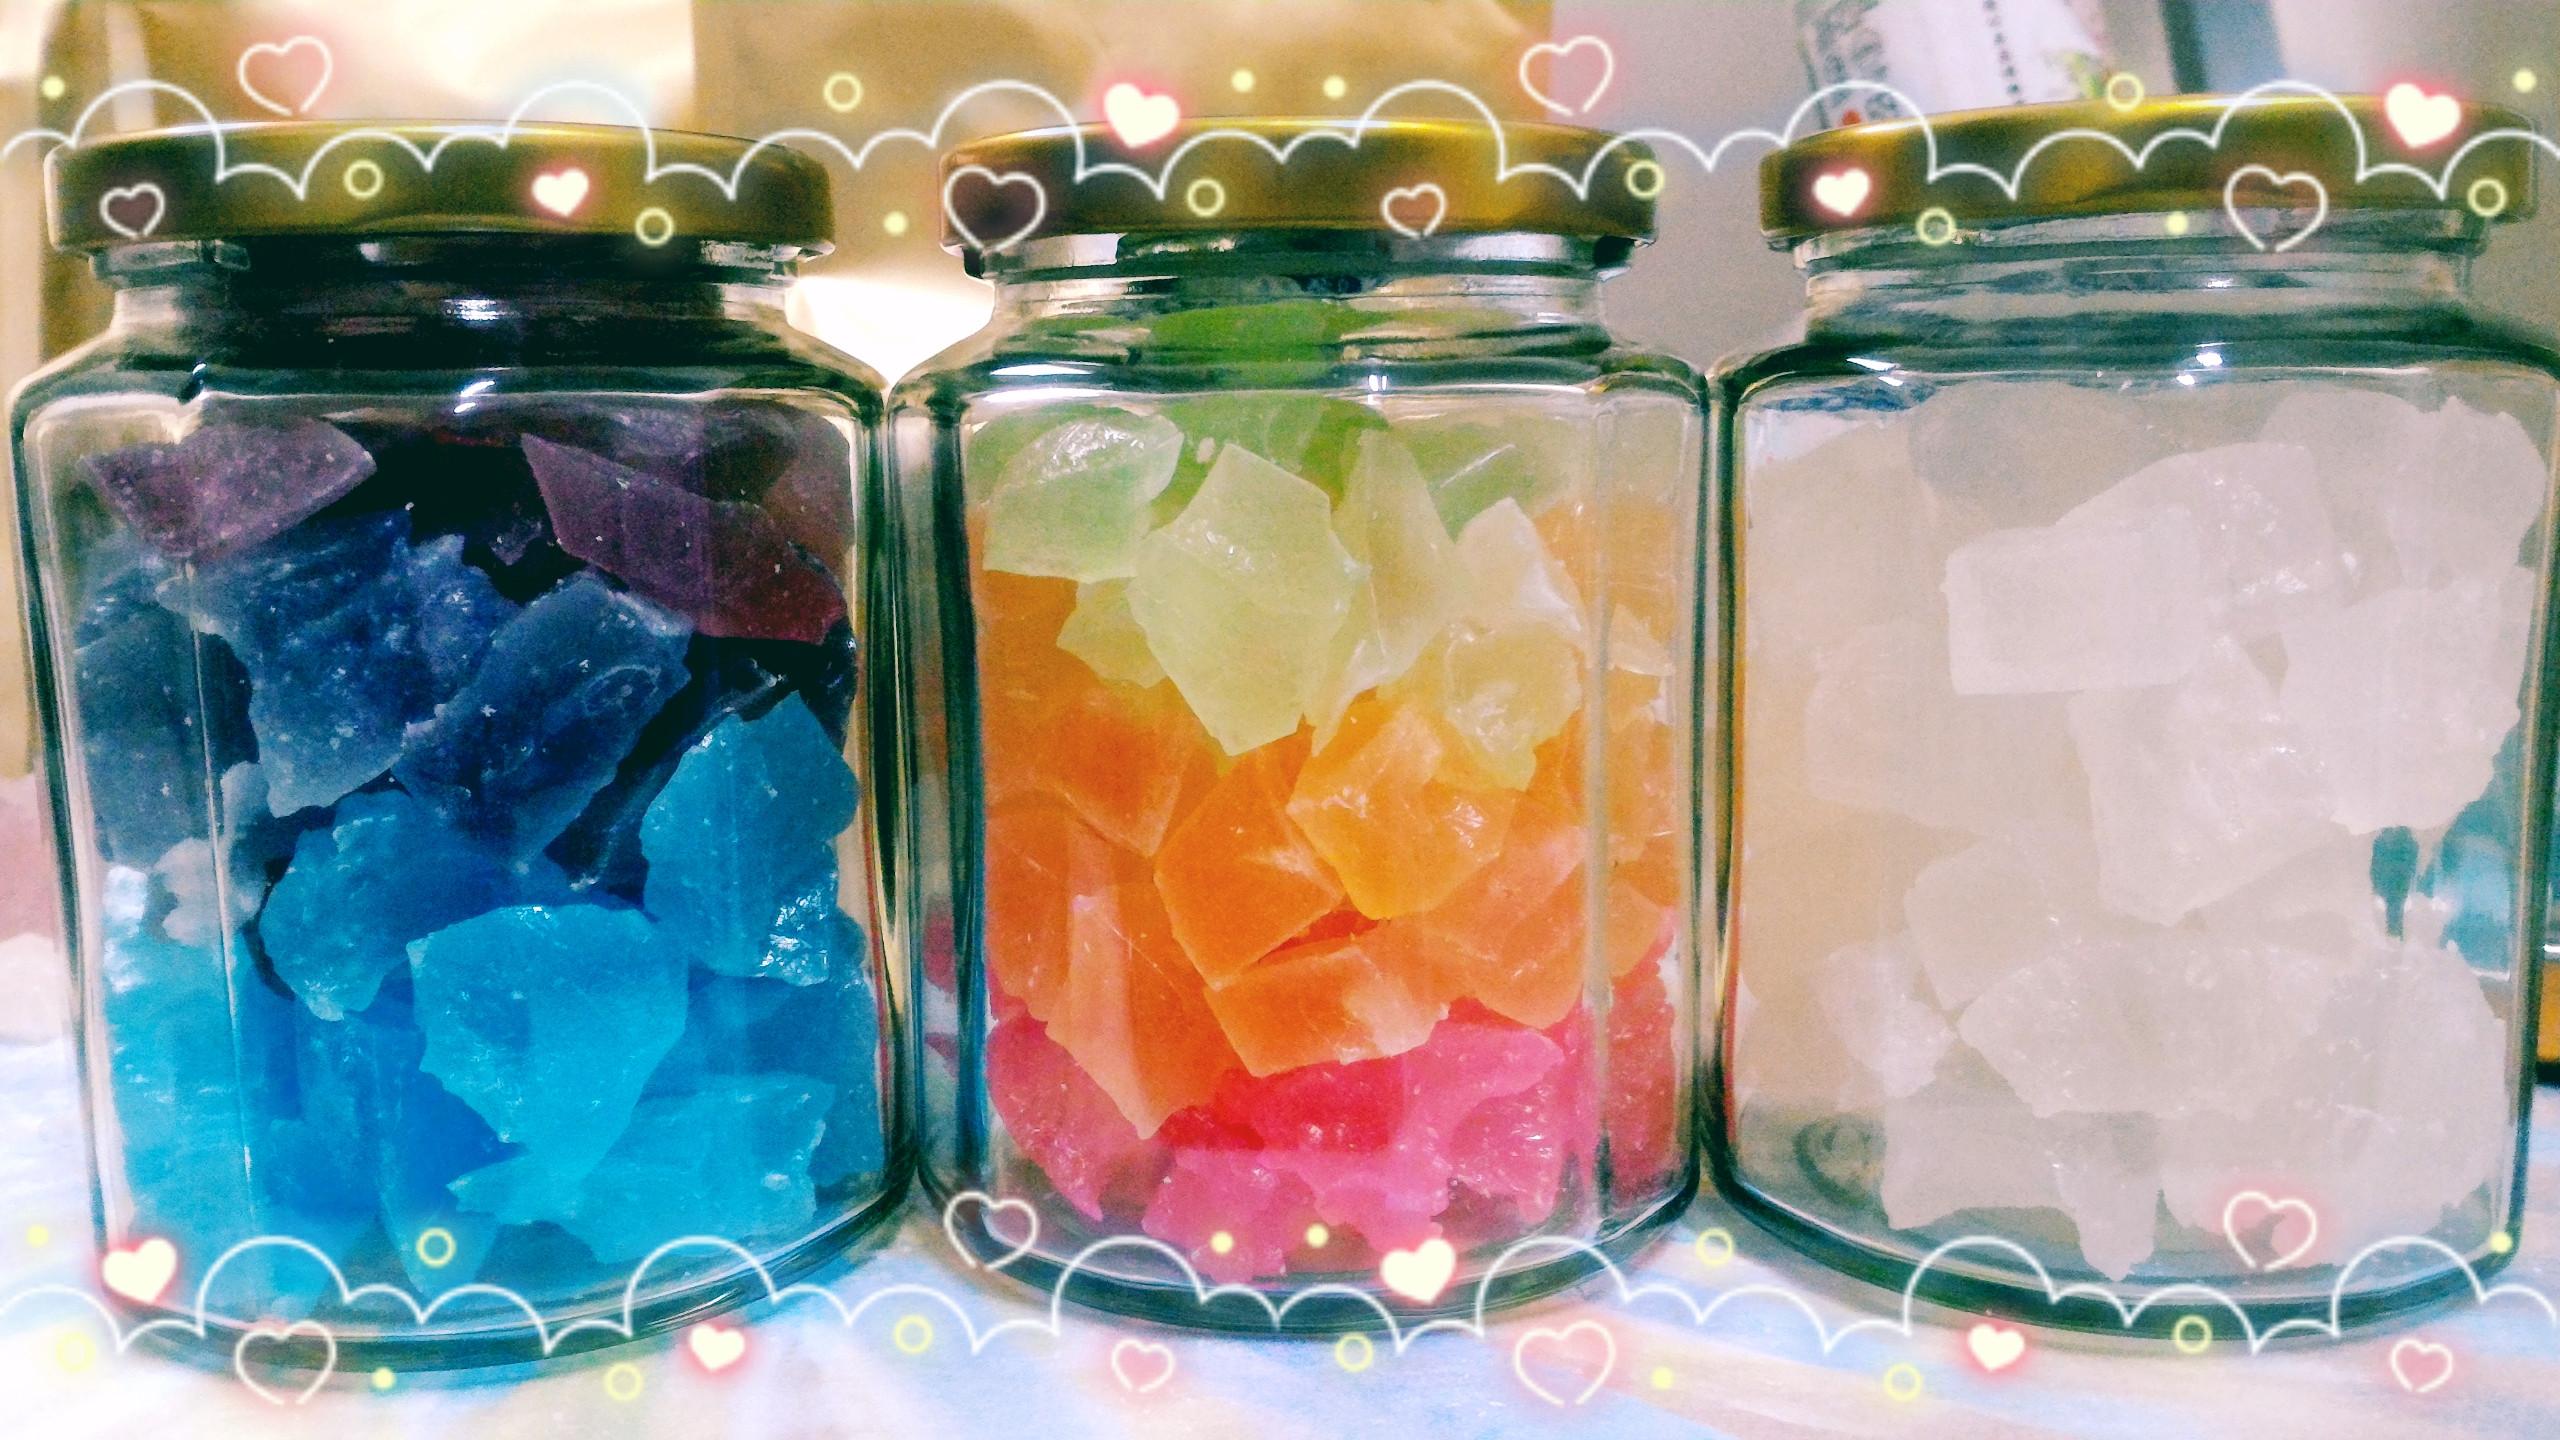 琥珀糖  彩虹 我家的琥珀糖 色素使用